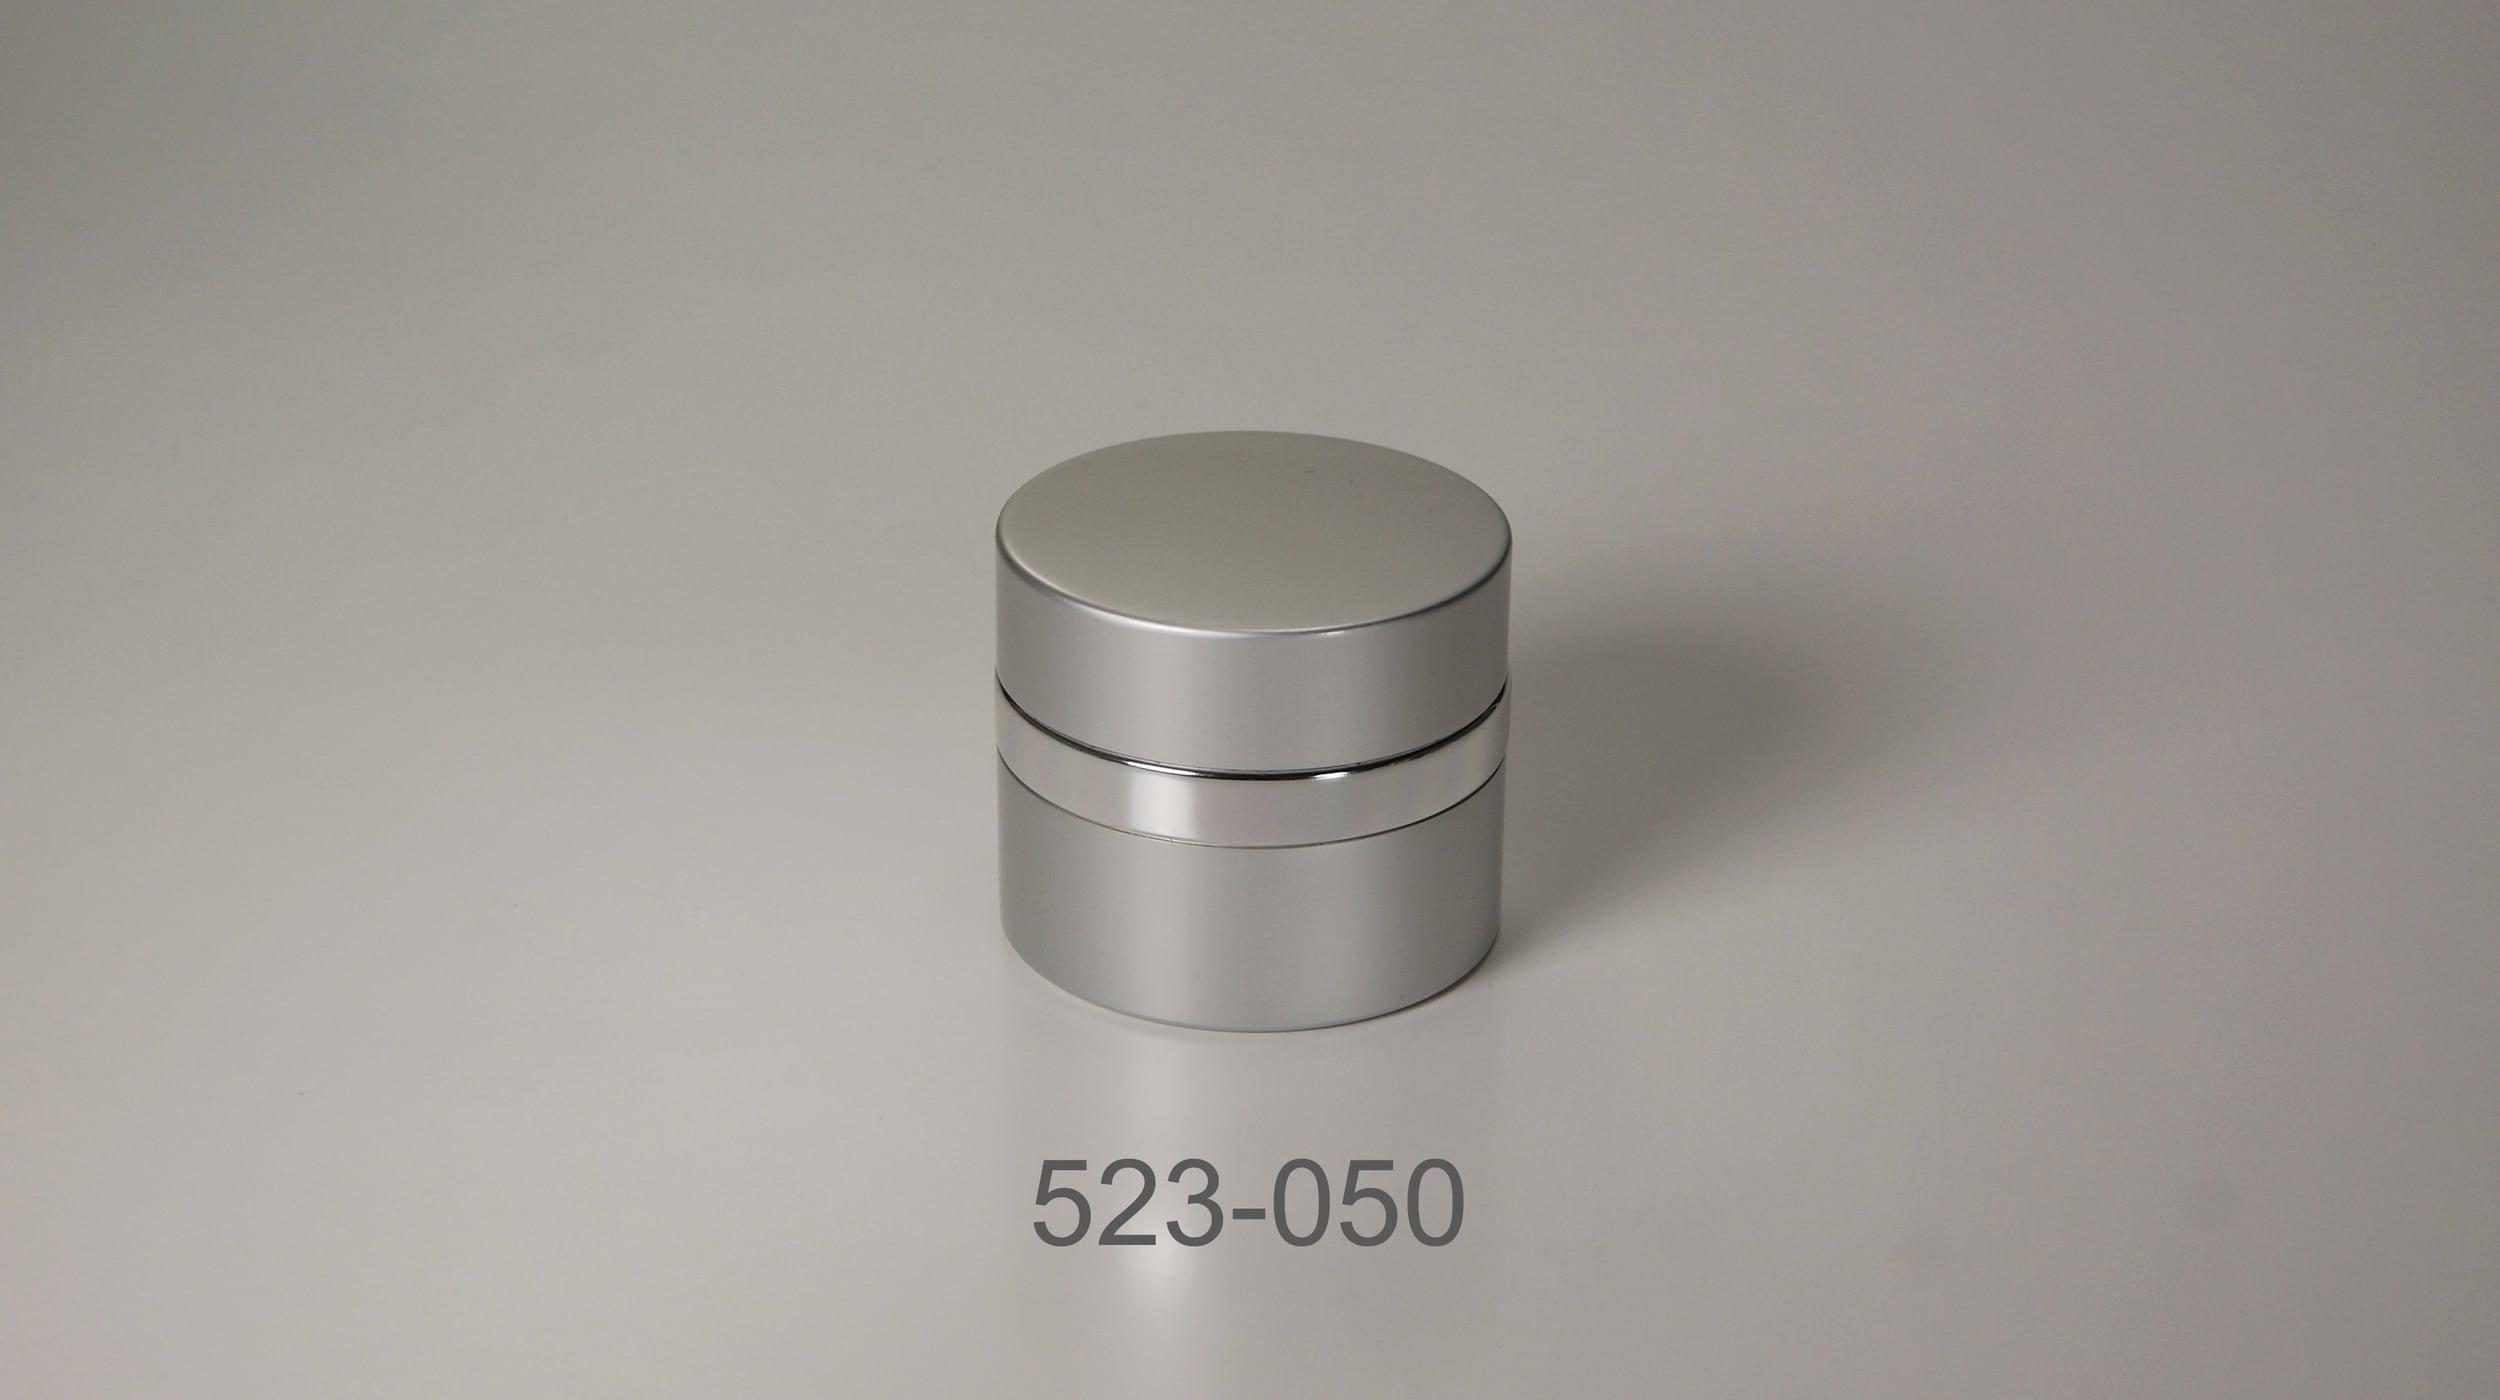 523-050.jpg